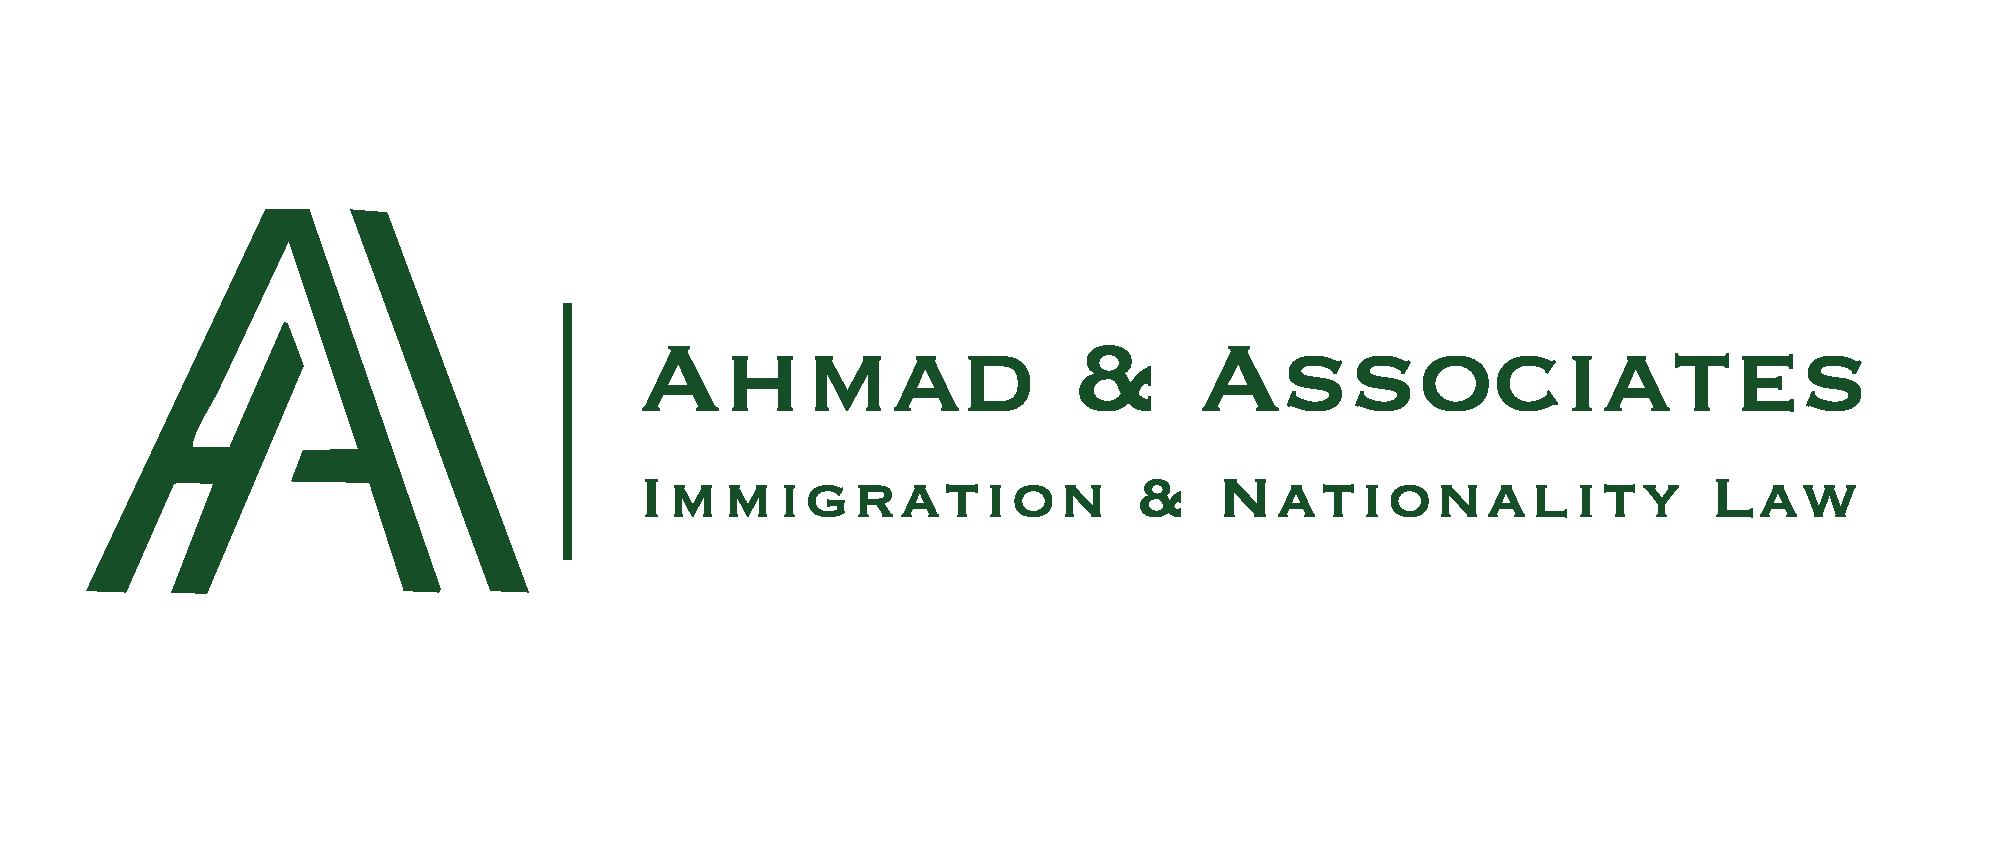 Ahmad & Associates